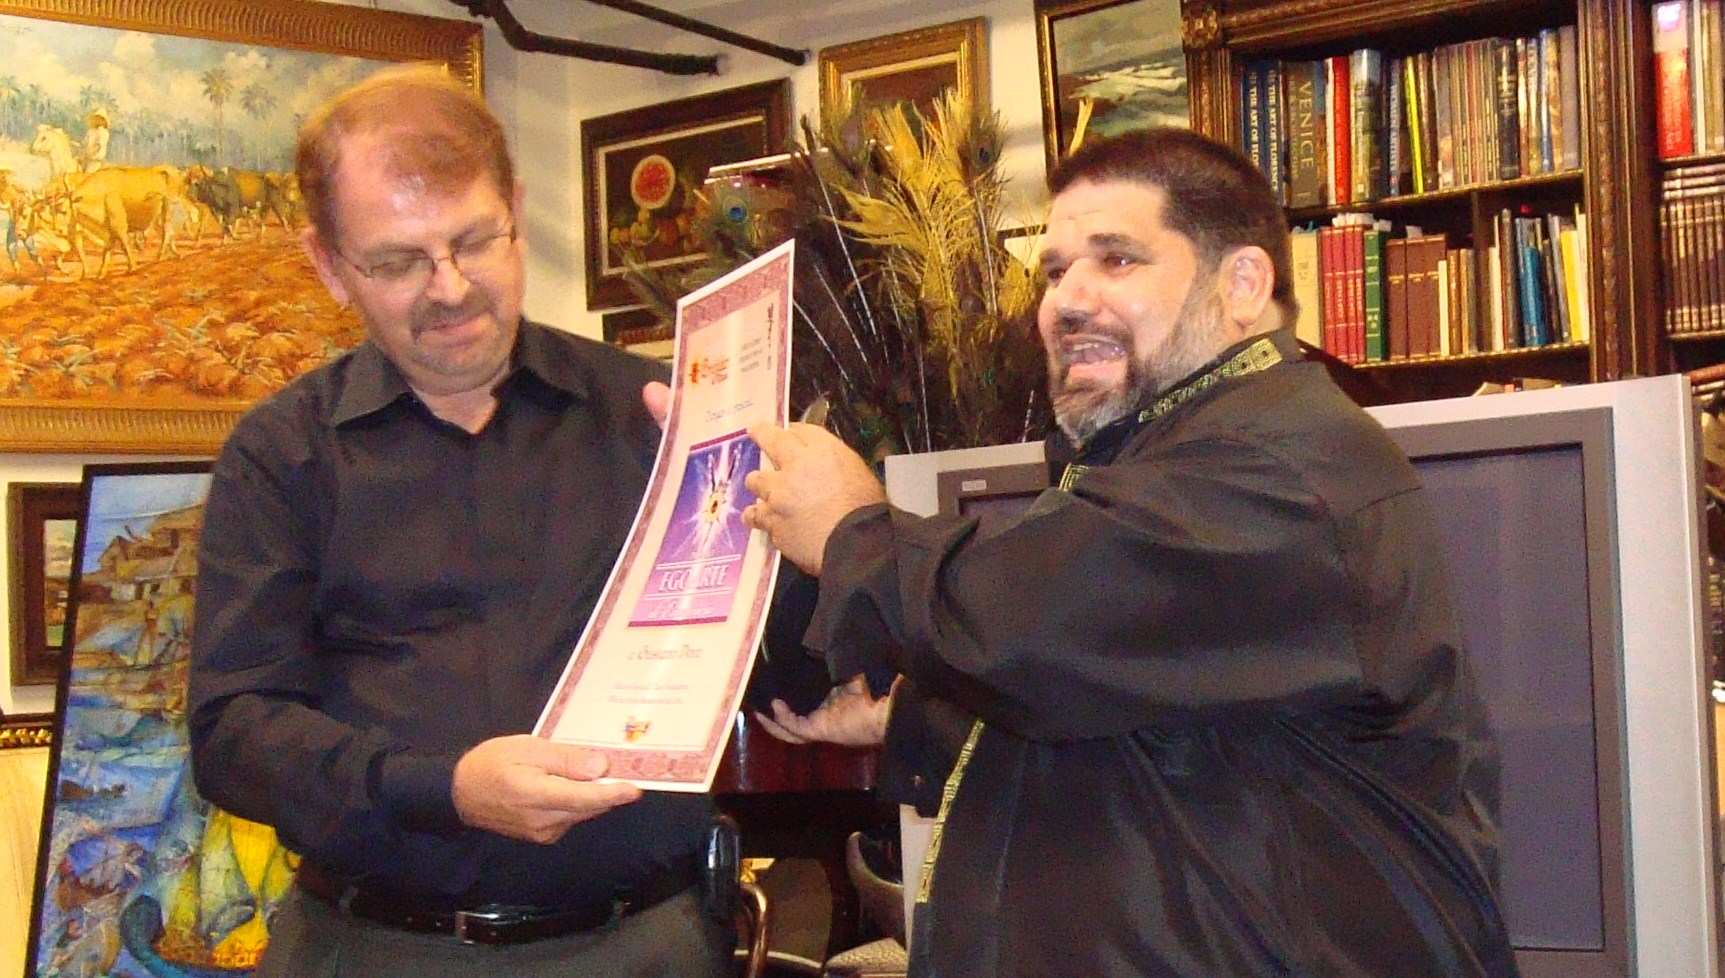 Nuestro amigo ilustrador Gustavo Novo recibiendo el Premio EGOARTE de Excelencia, uno de los galardones otorgados por la Revista BRUJULAR DE MIAMI.